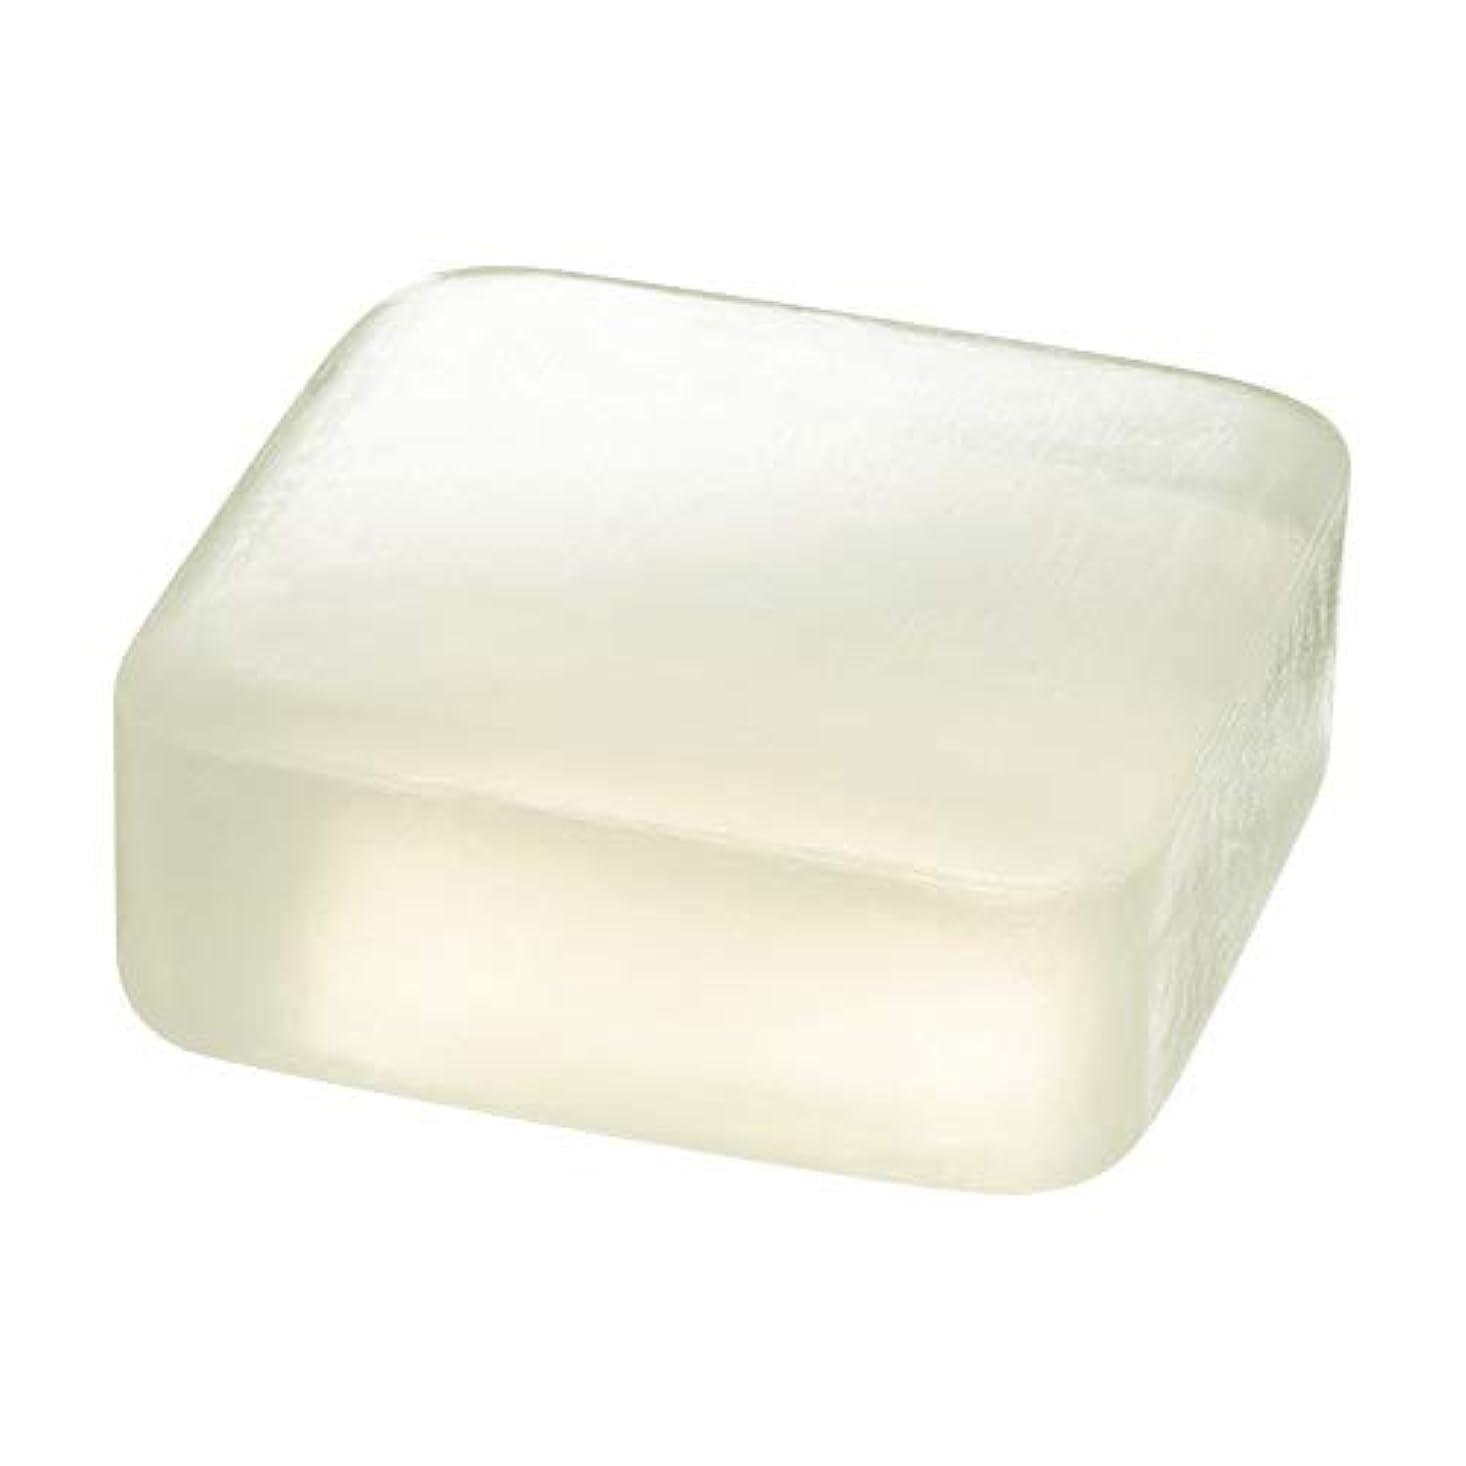 の前でアナロジー継続中ETVOS(エトヴォス) 洗顔せっけん クリアソープバー 80g 透明枠練り石鹸 セラミド 濃密泡 毛穴汚れ/黒ずみ